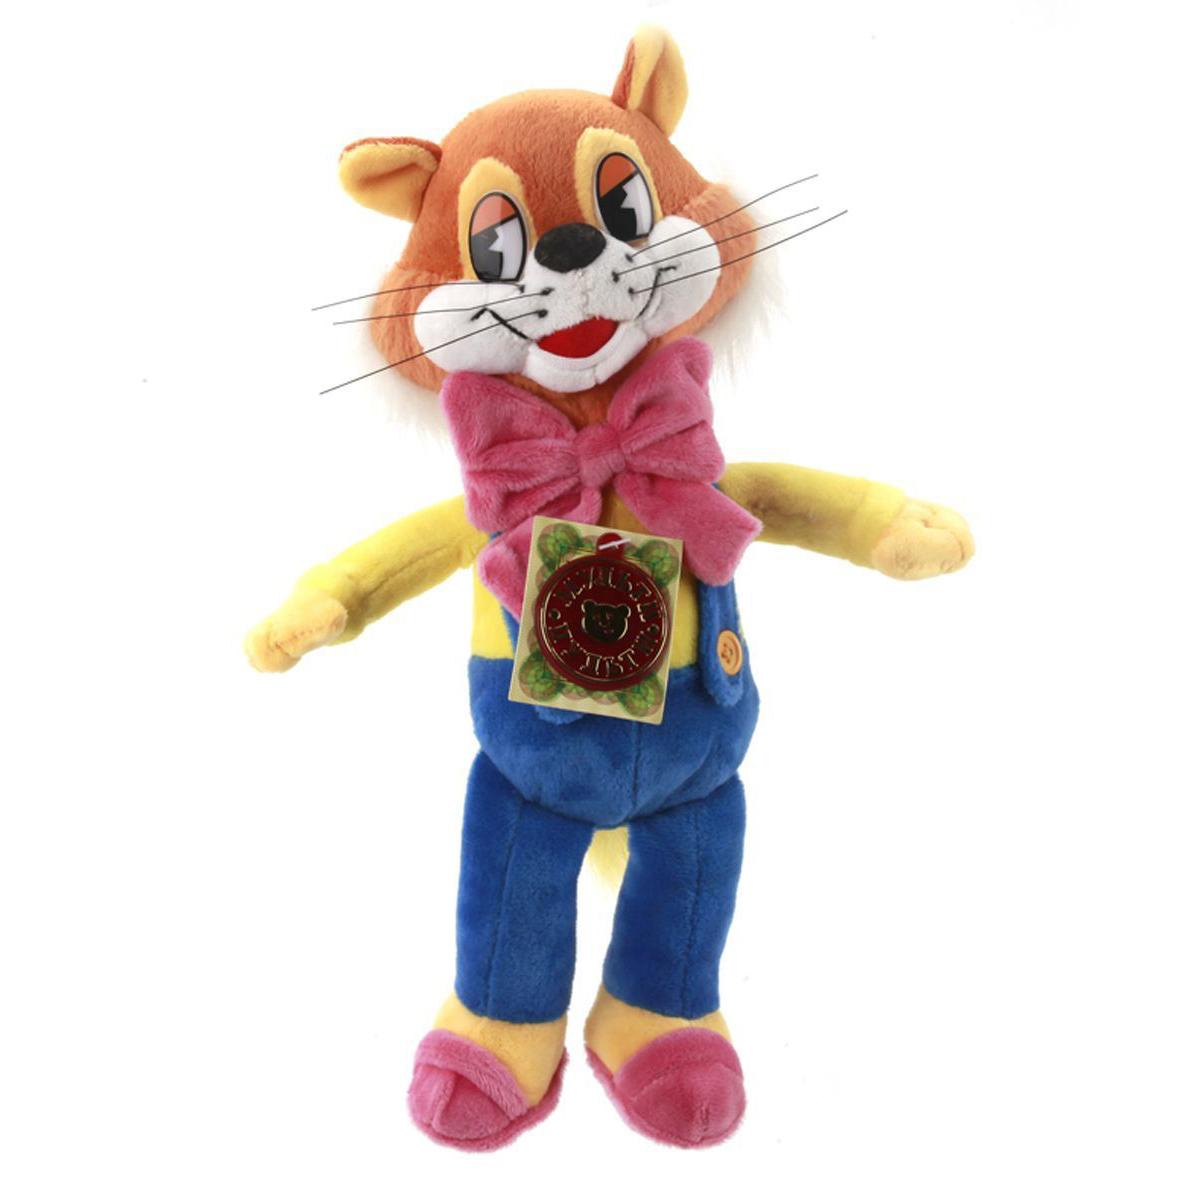 Мягкая игрушка Кот Леопольд, озвученный, 20 см - Говорящие игрушки, артикул: 155513